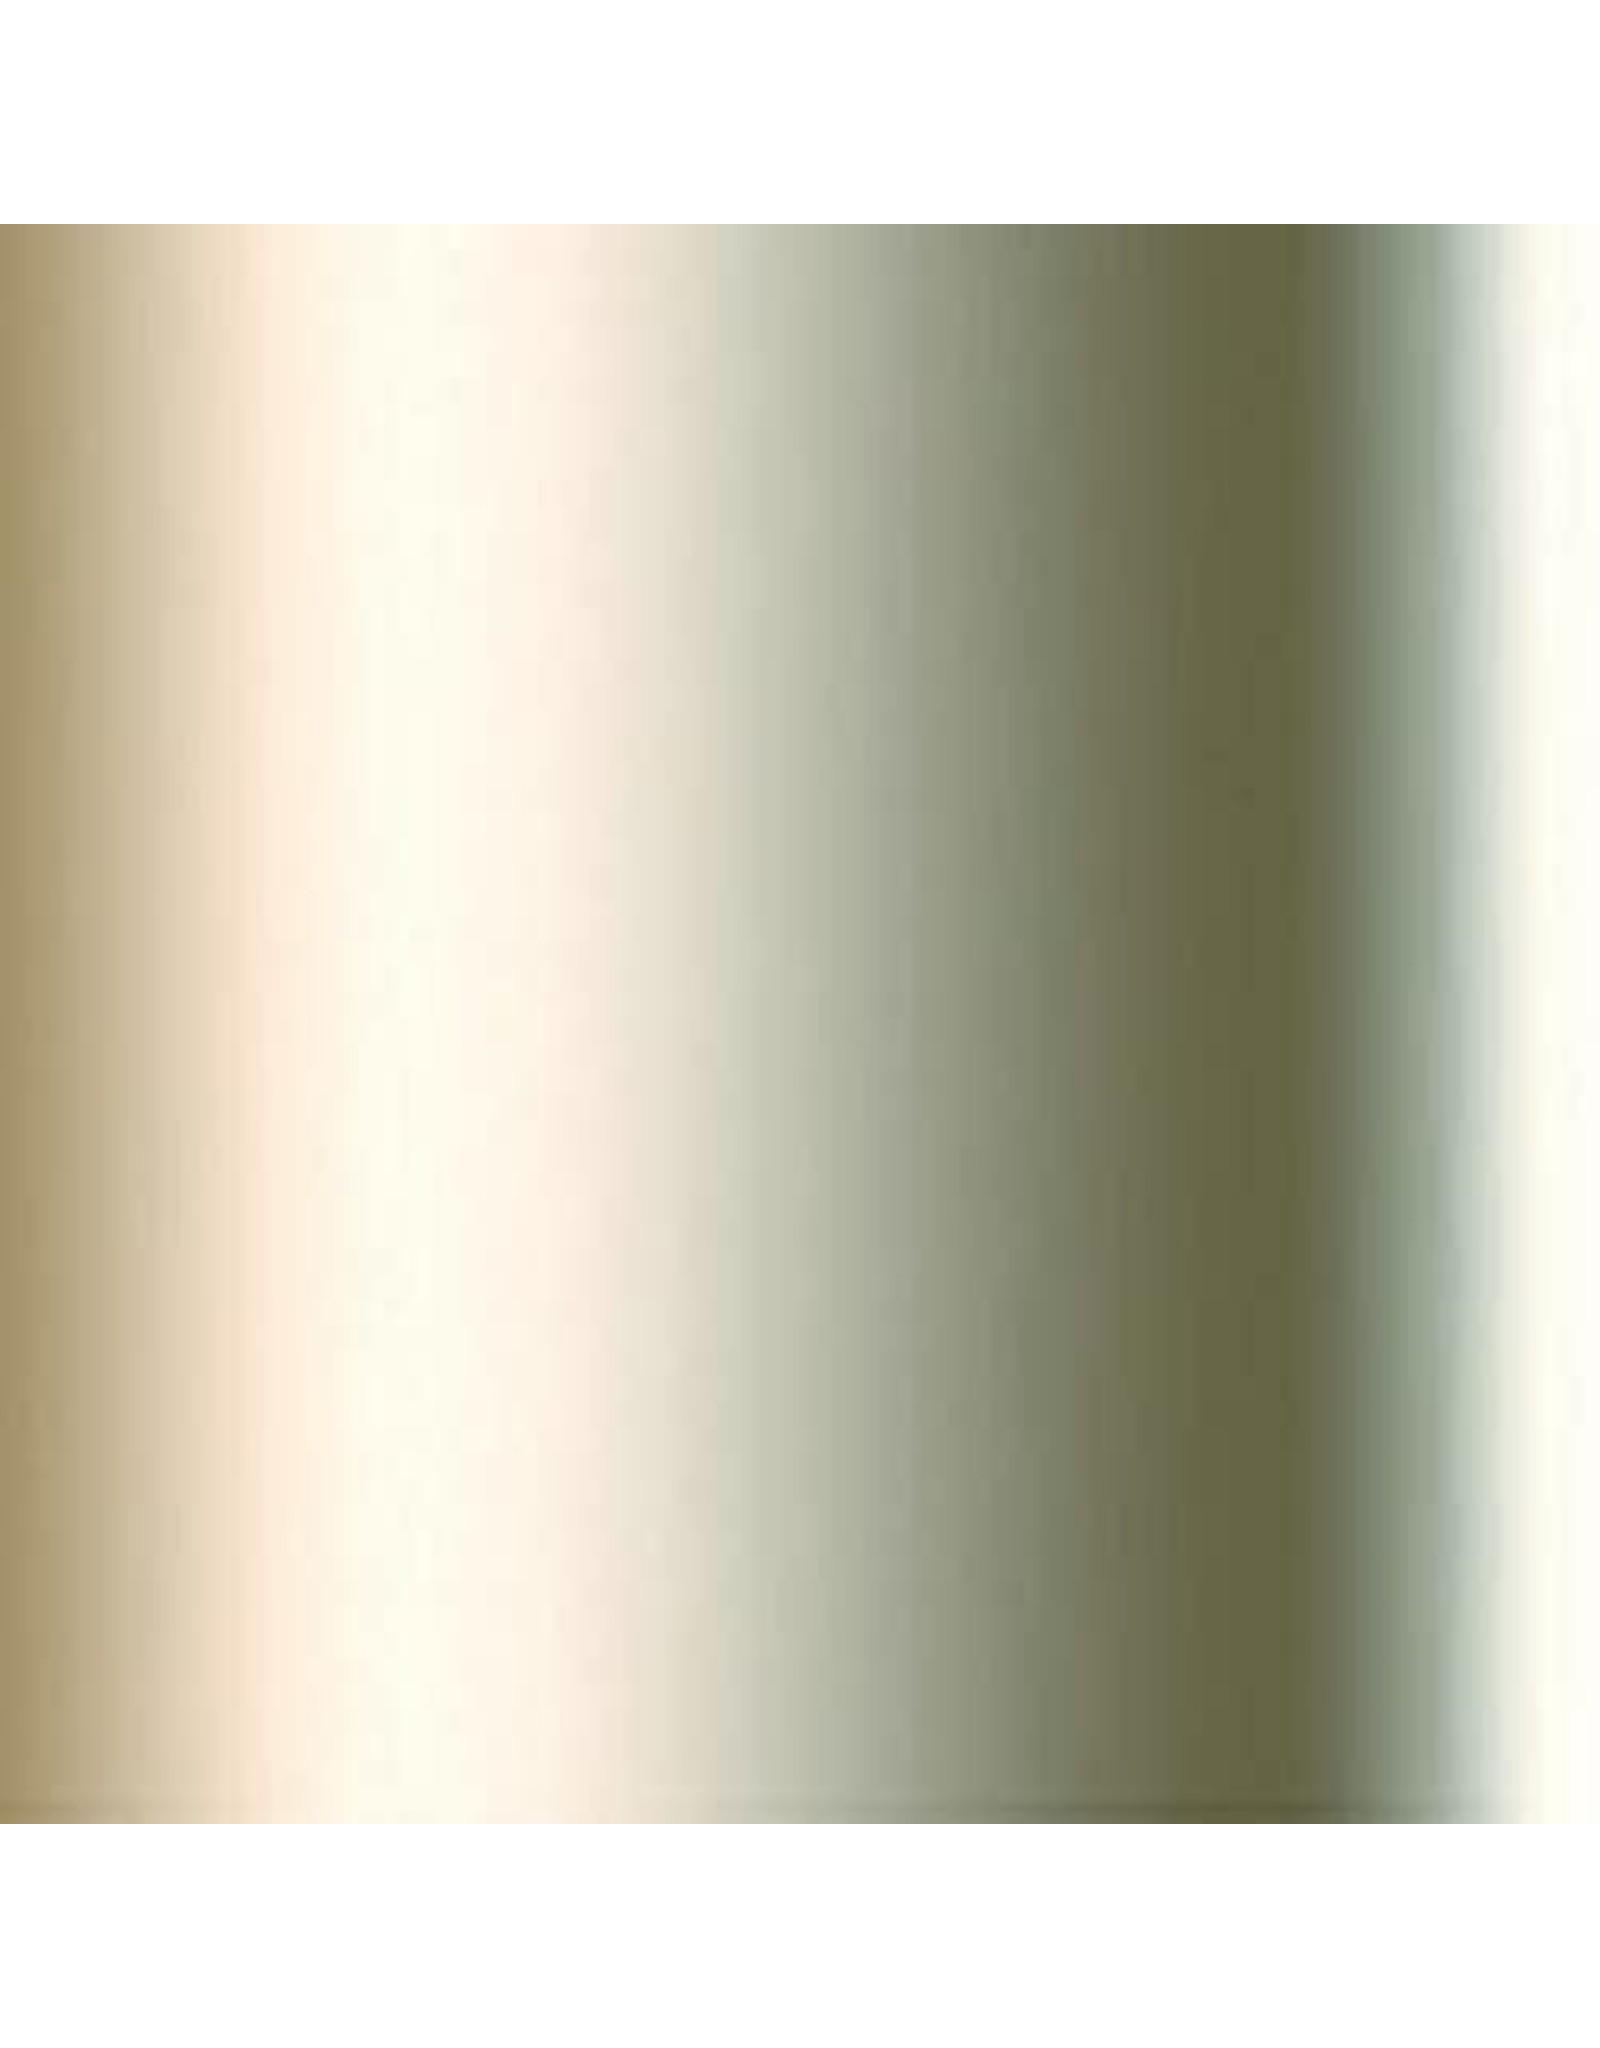 Privateer Press P3 Paint: Radiant Platinum